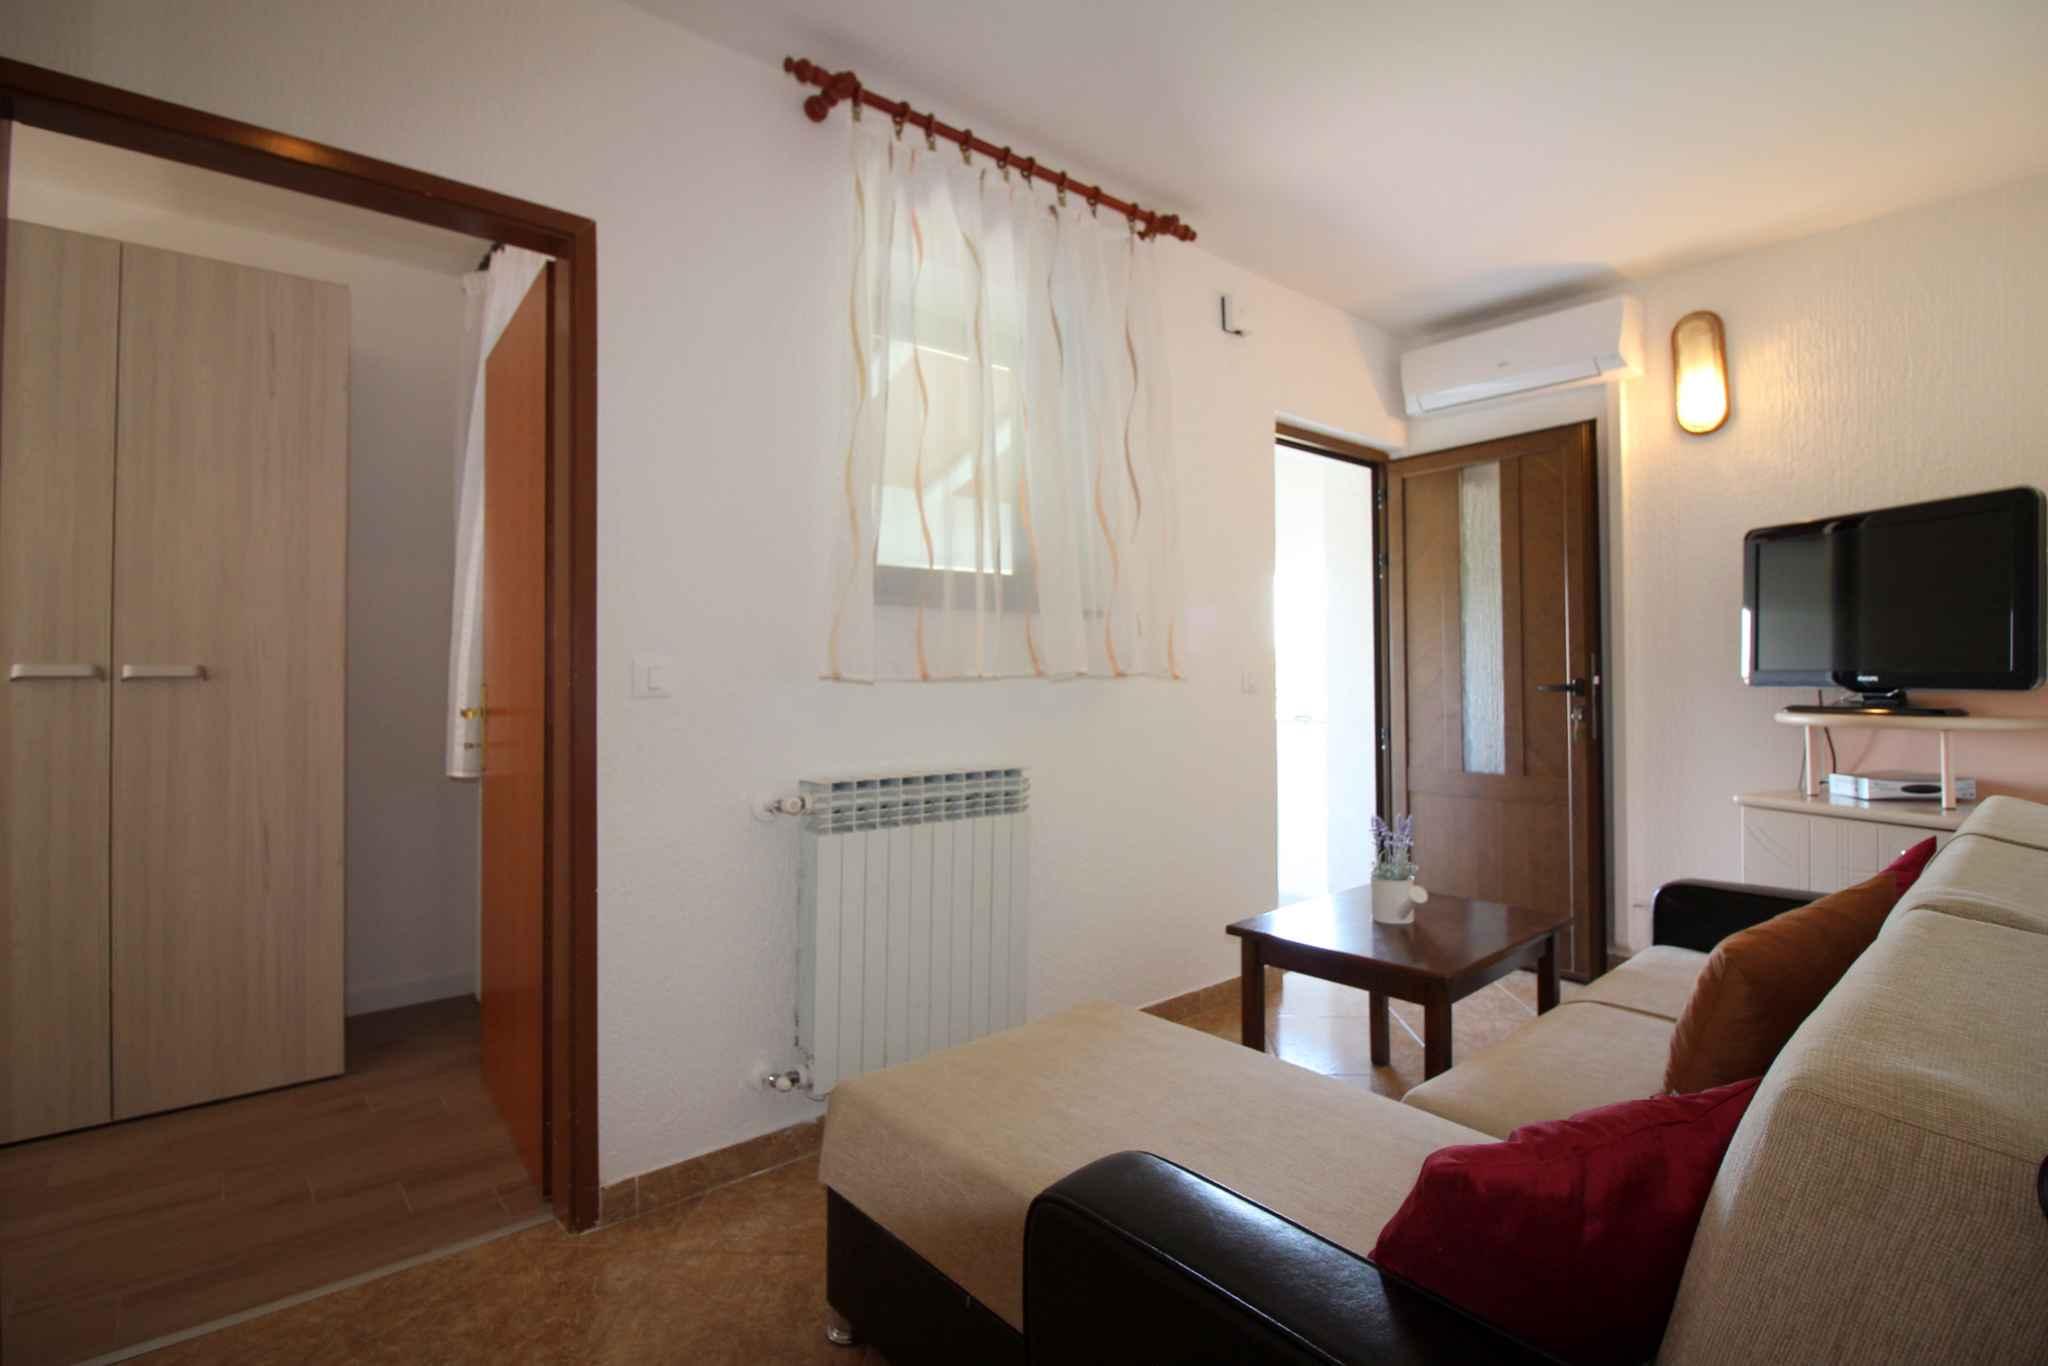 Ferienwohnung mit schönem Balkon und Gartenmöbeln (280241), Porec, , Istrien, Kroatien, Bild 11